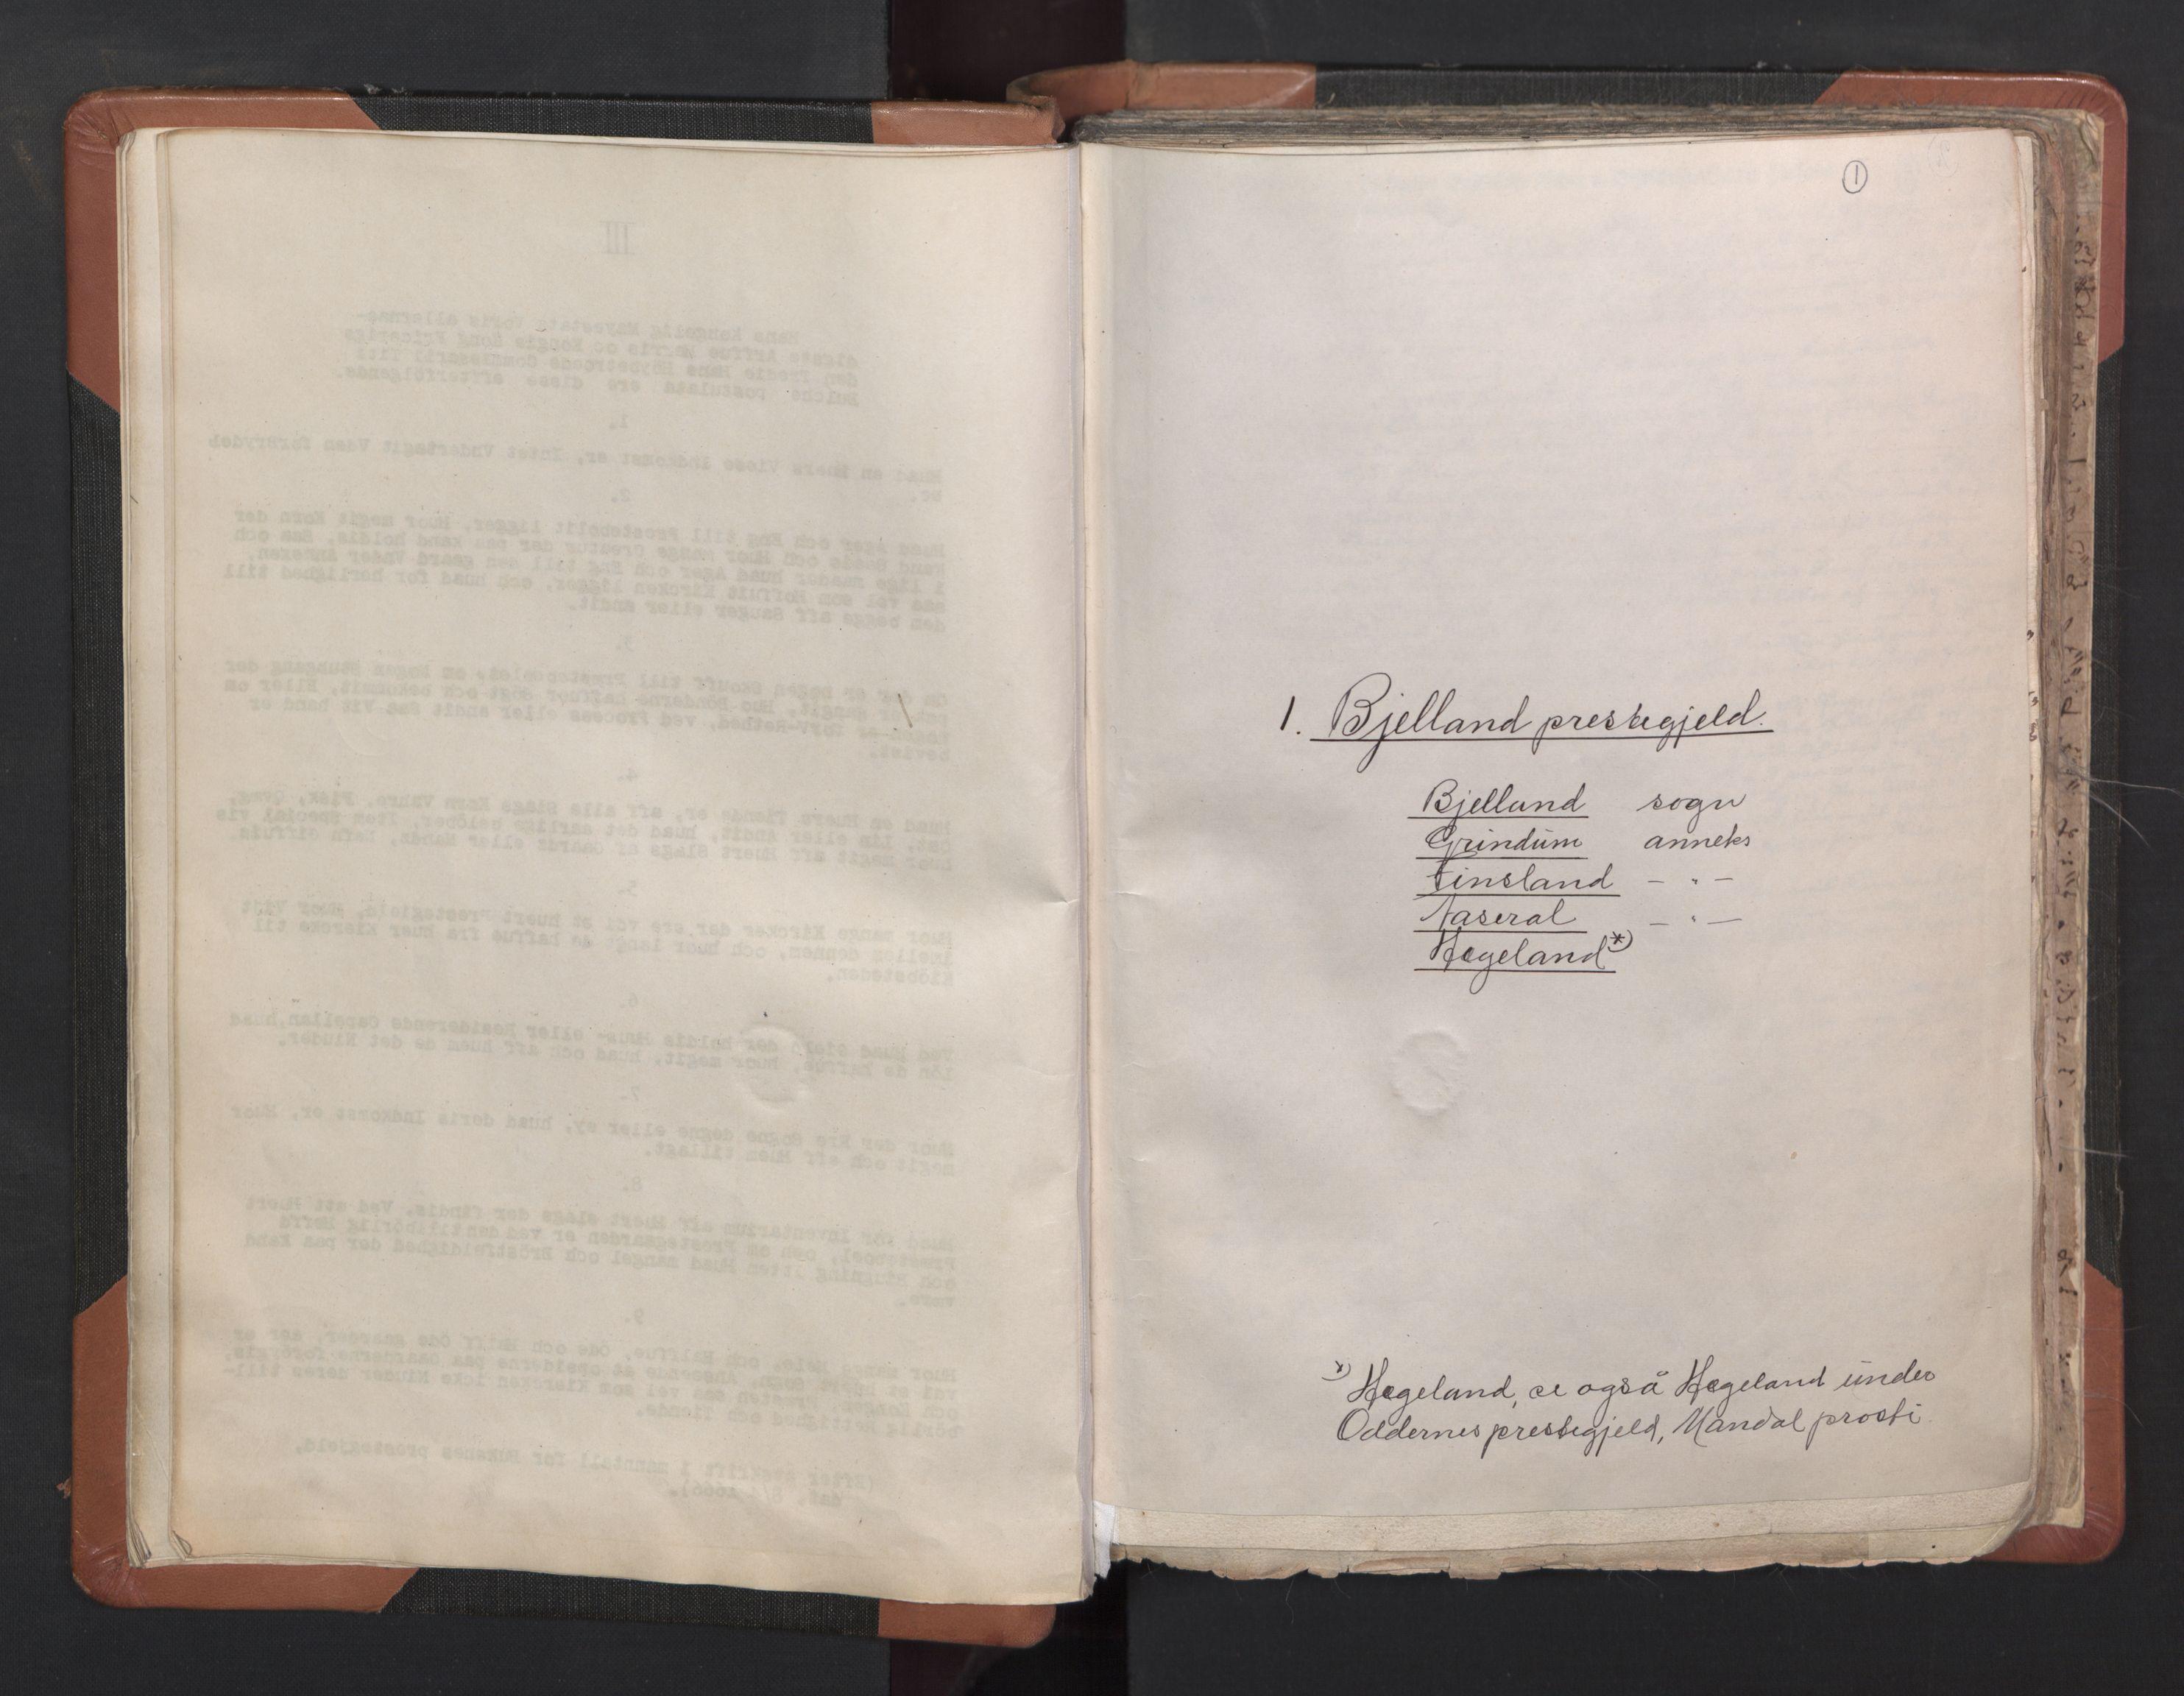 RA, Vicar's Census 1664-1666, no. 16: Lista deanery, 1664-1666, p. 1